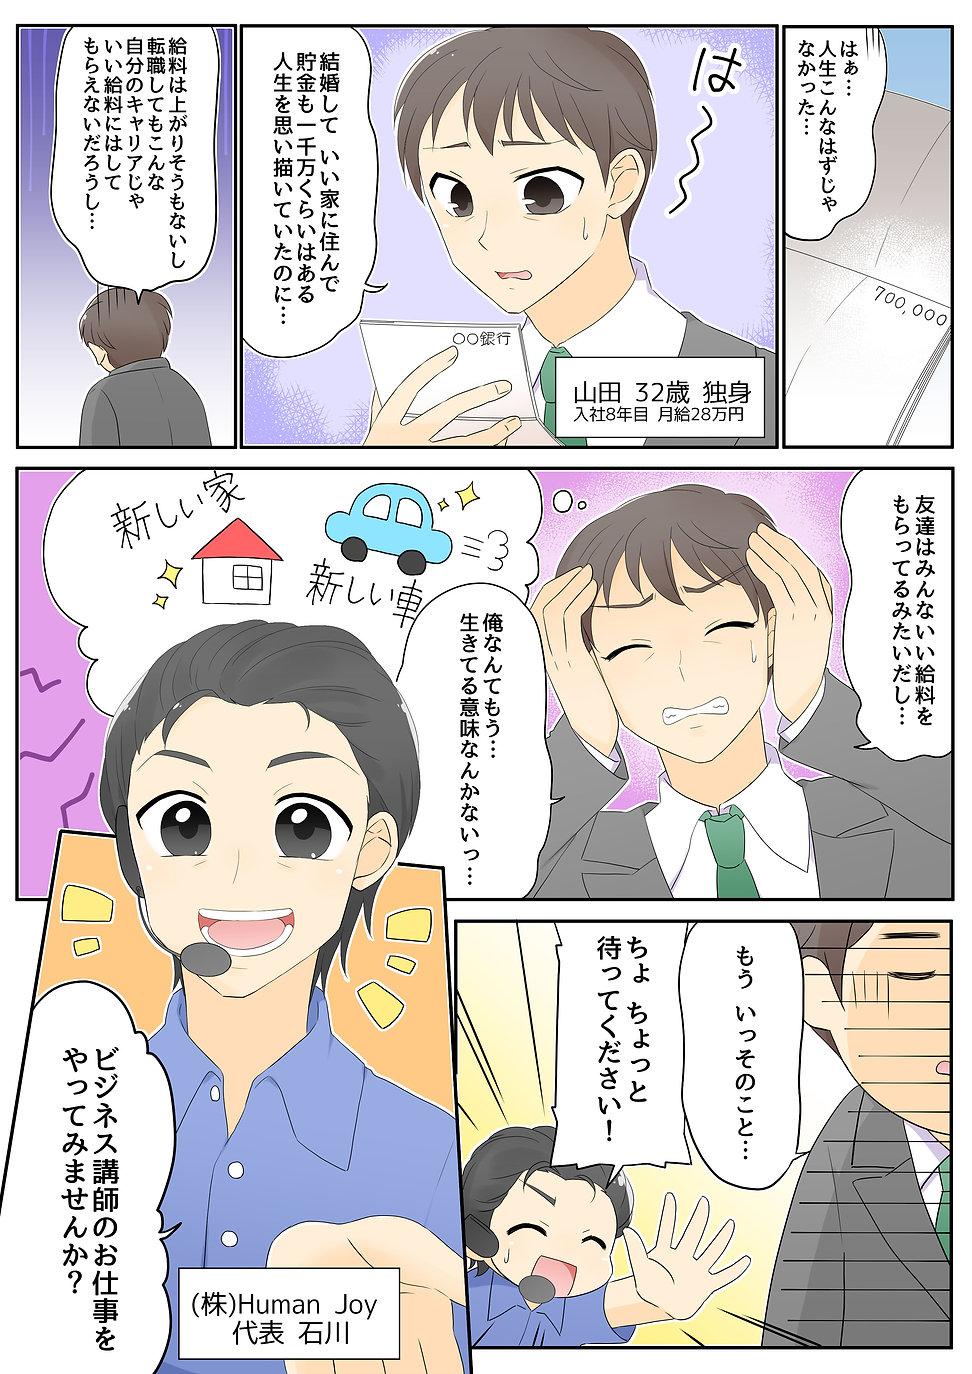 漫画完成1.jpg